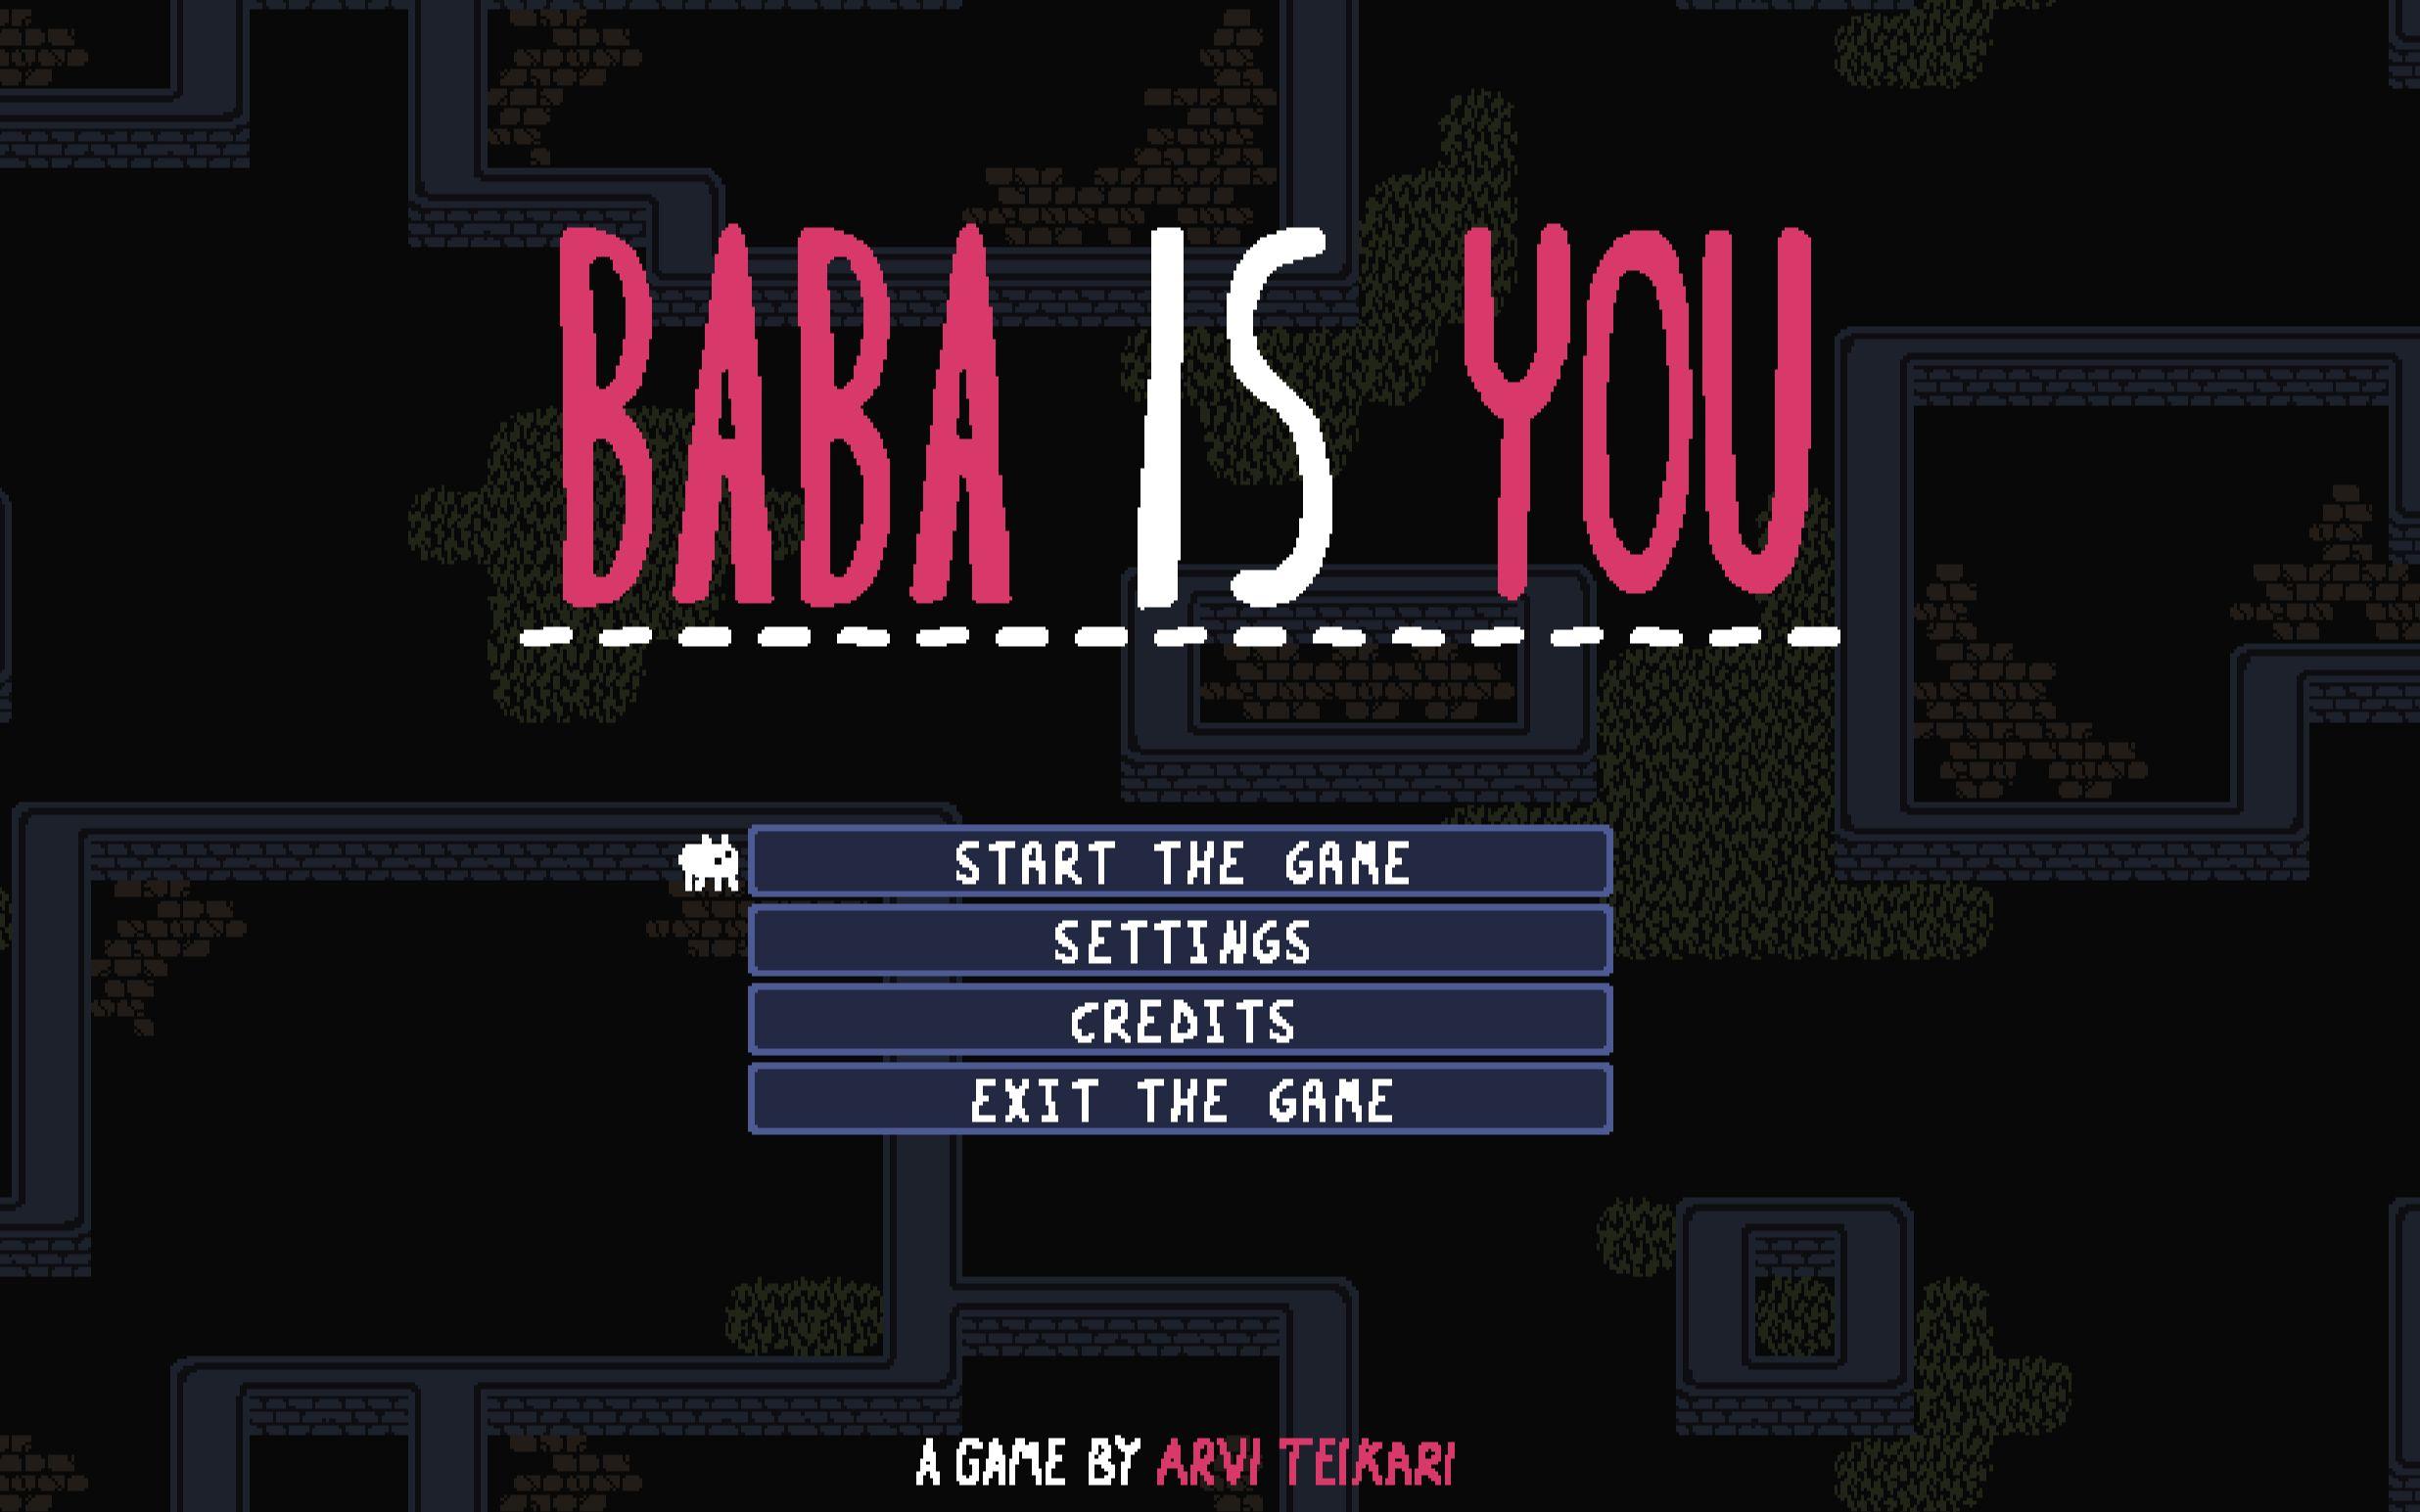 baba is you 全關卡226關全成就通關攻略(2020年1月版)_嗶哩嗶哩 (゜-゜)つロ 干杯~-bilibili